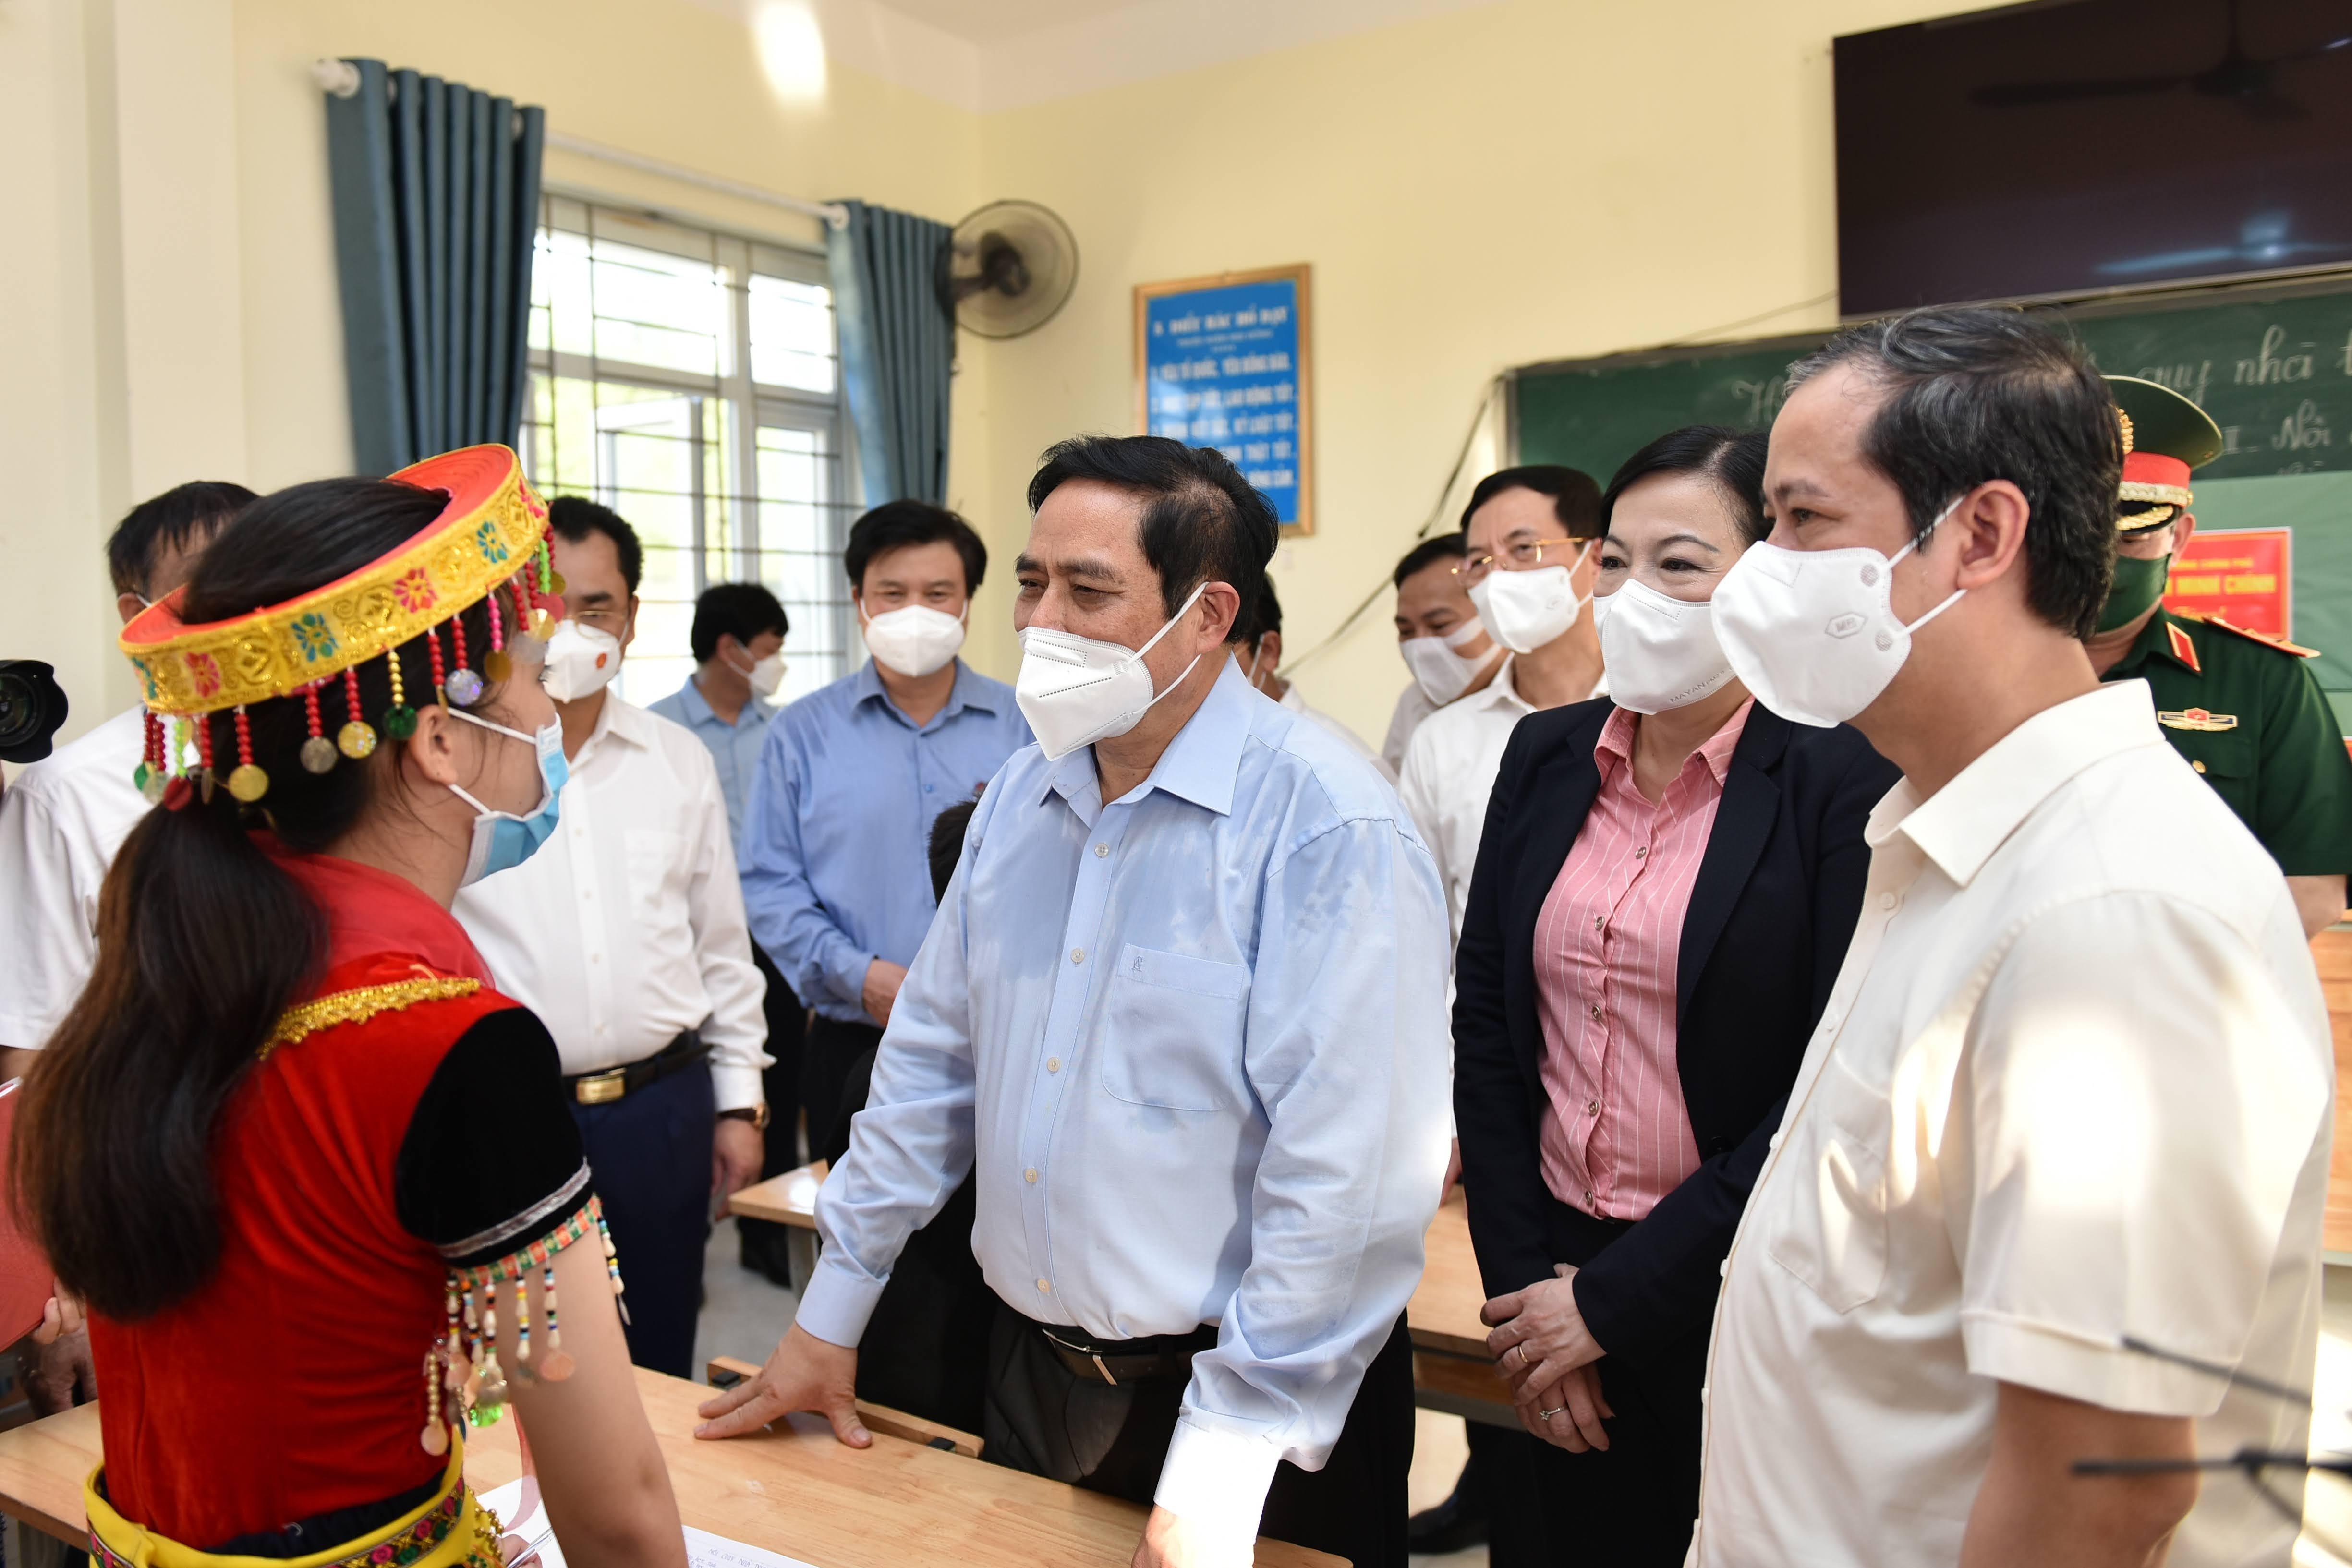 Thủ tướng Phạm Minh Chính thăm, động viên học sinh và giáo viên nhân dịp năm học mới